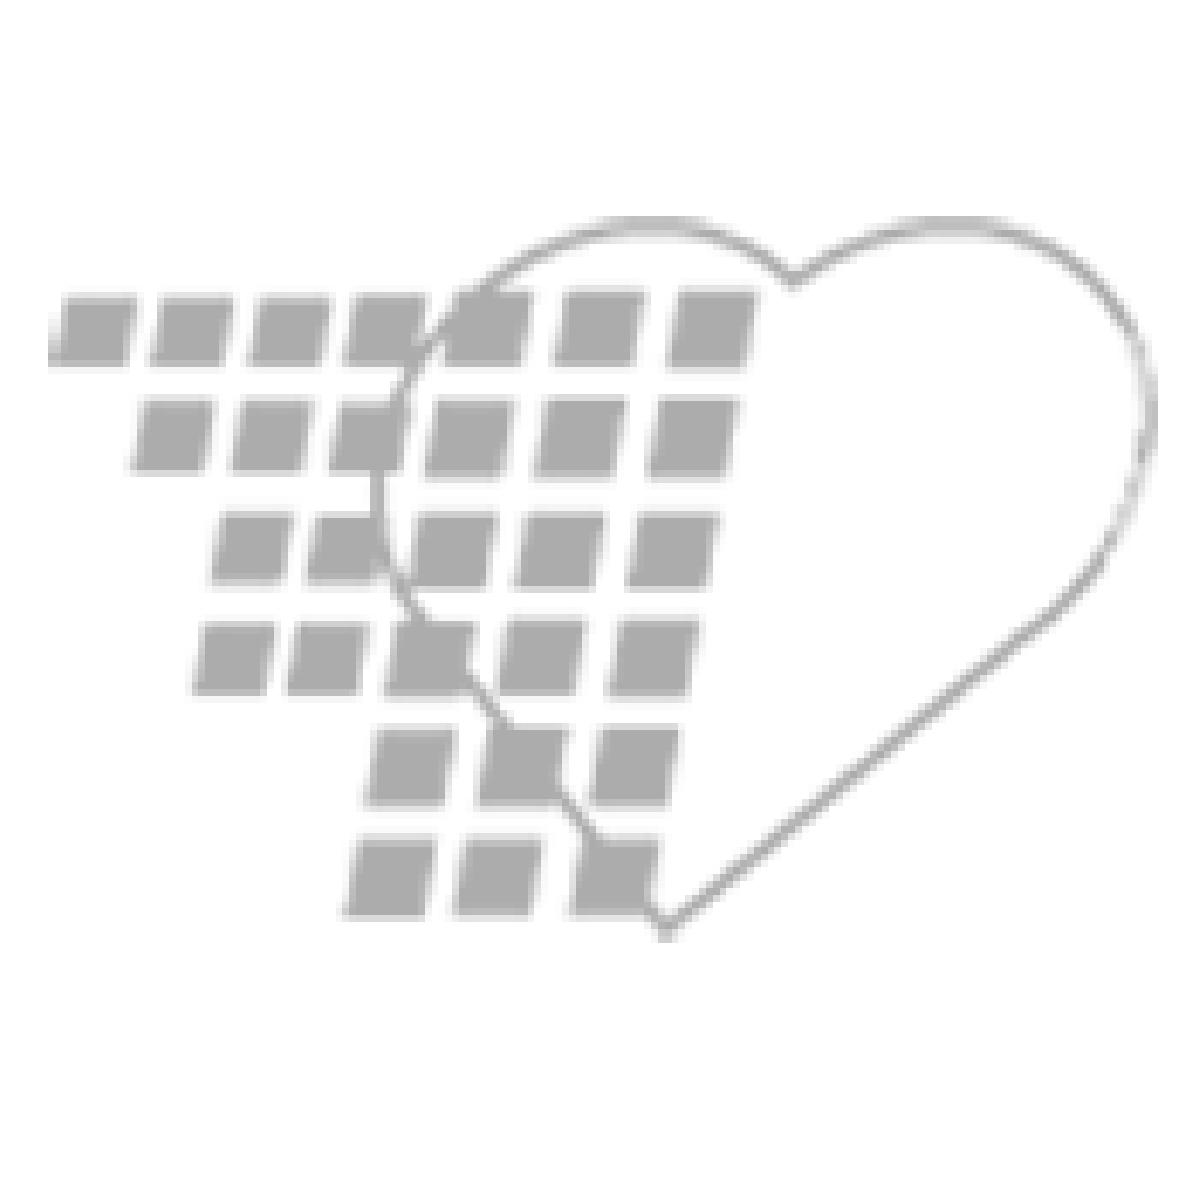 04-76-8005-REFURB - Refurbished Hill-Rom Transtar 8000 Stretcher